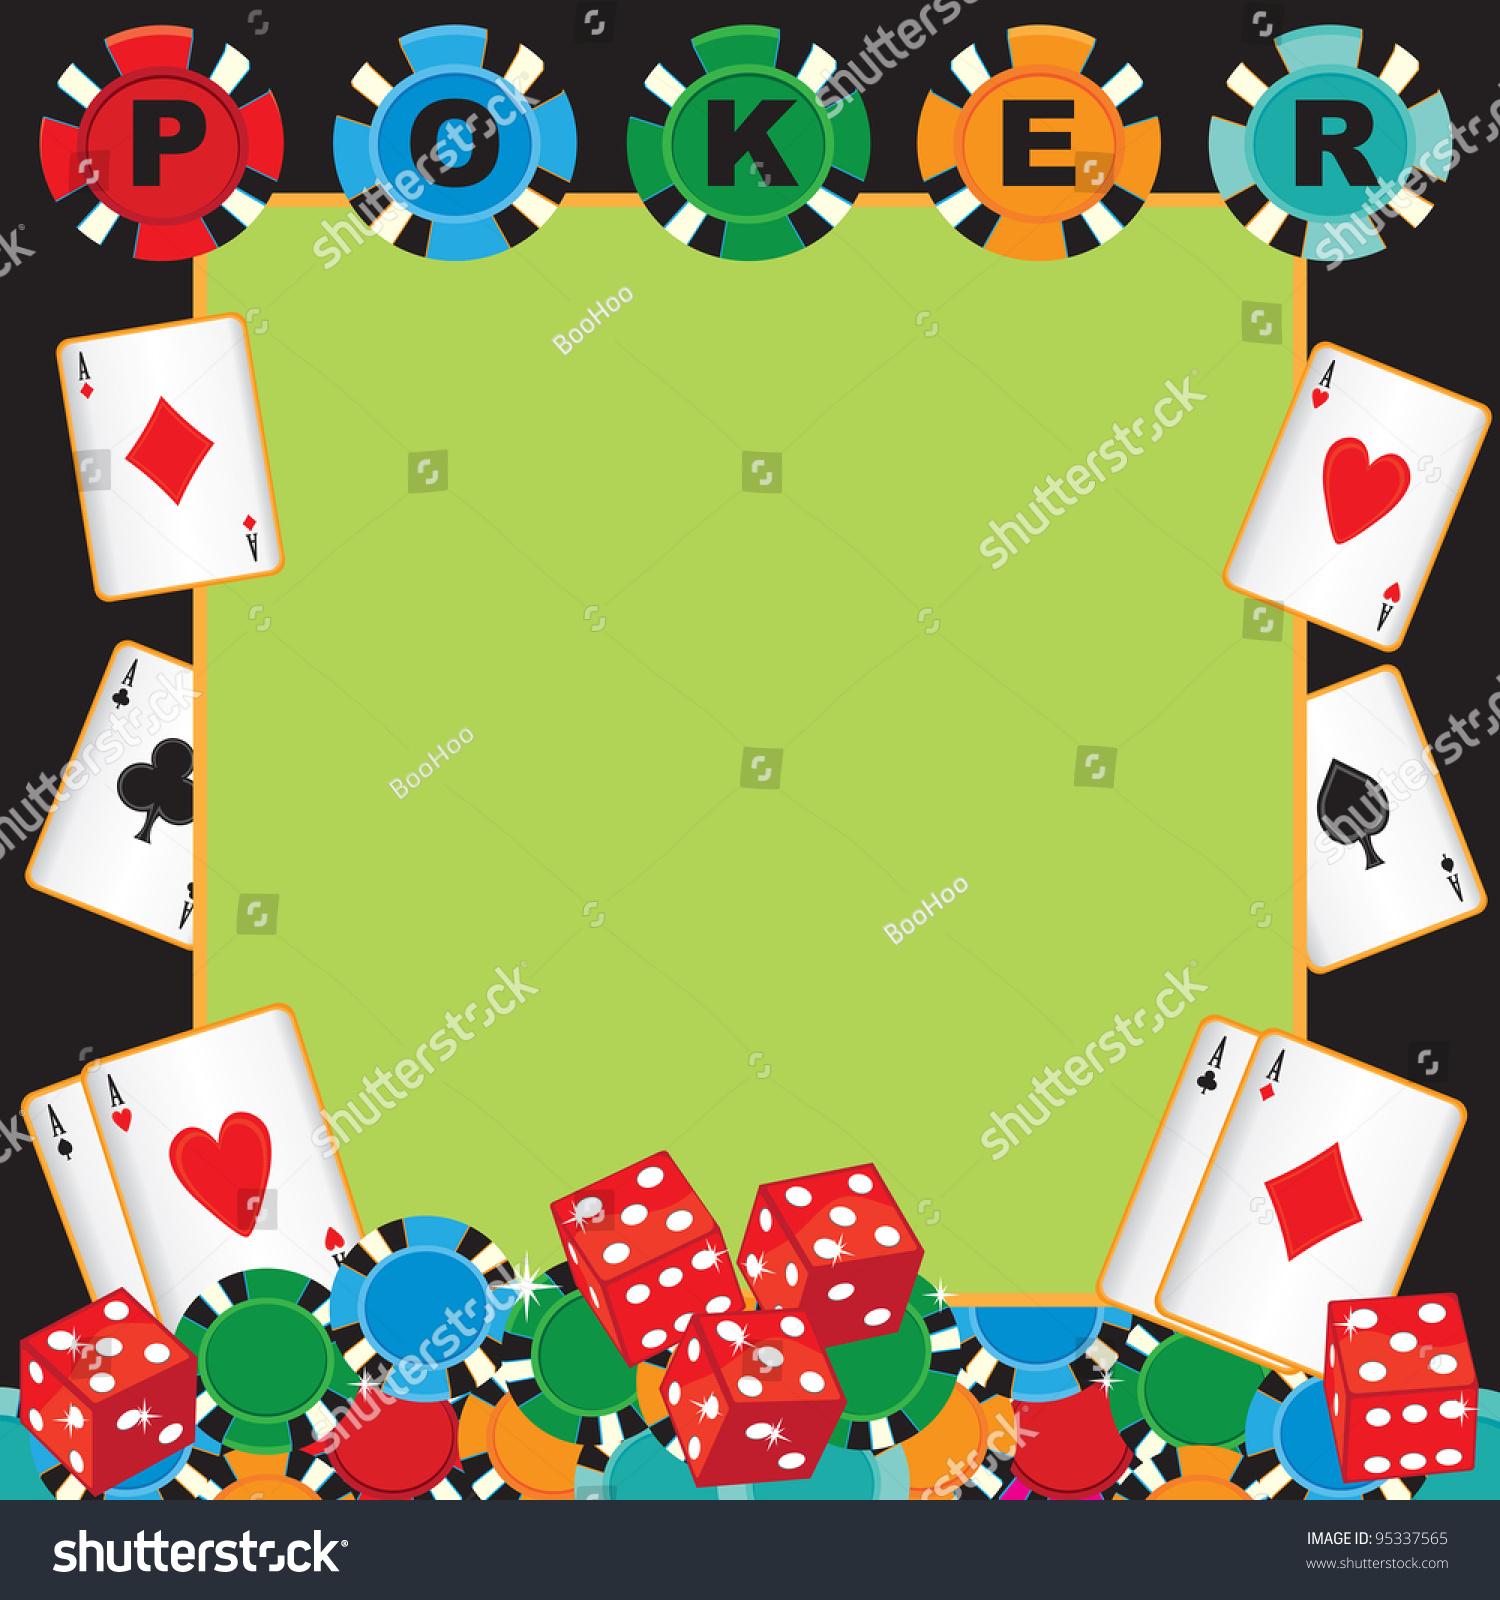 Doc Poker Birthday Cards Poker Happy Birthday card poker – Poker Birthday Cards